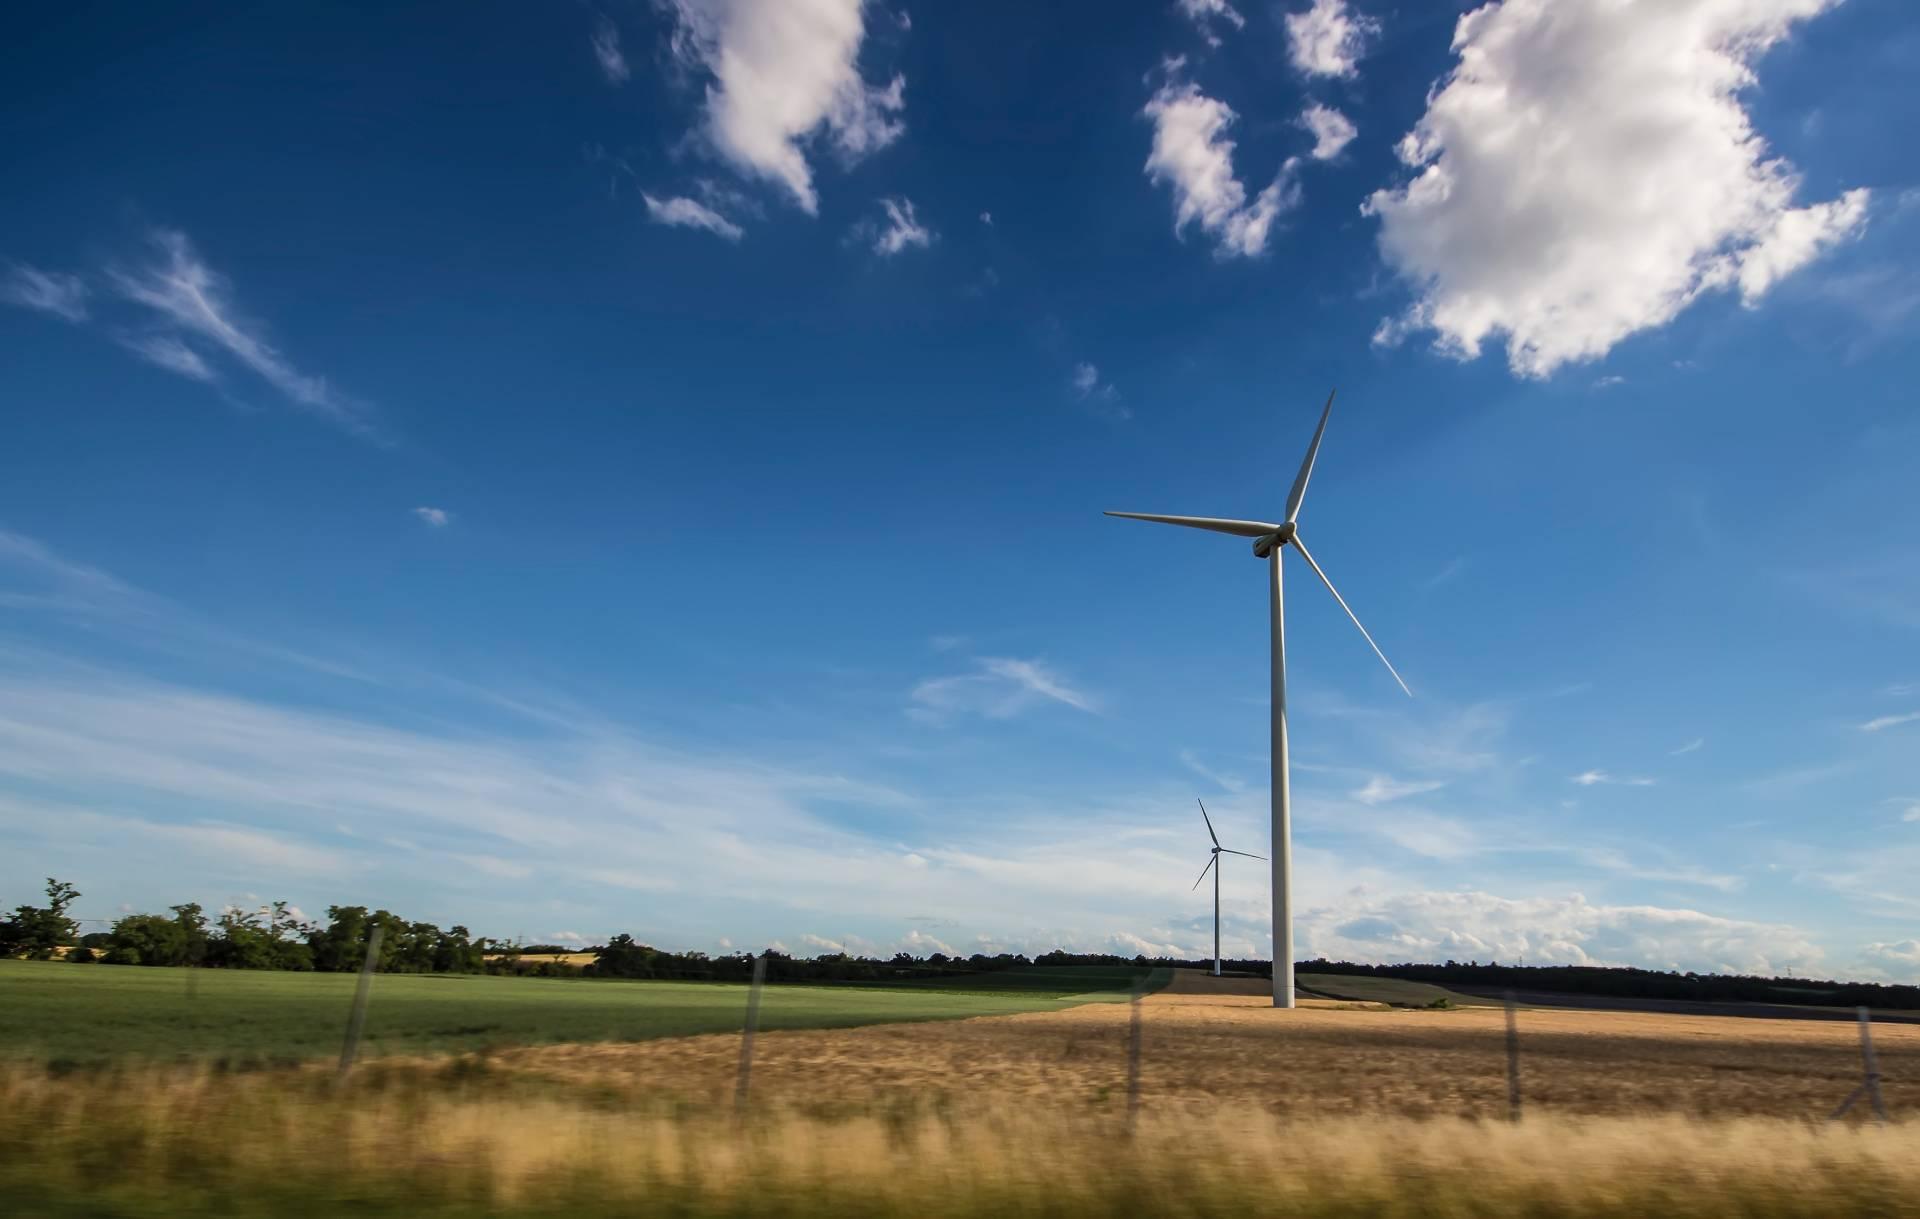 energy-field-renewable-energy-112846